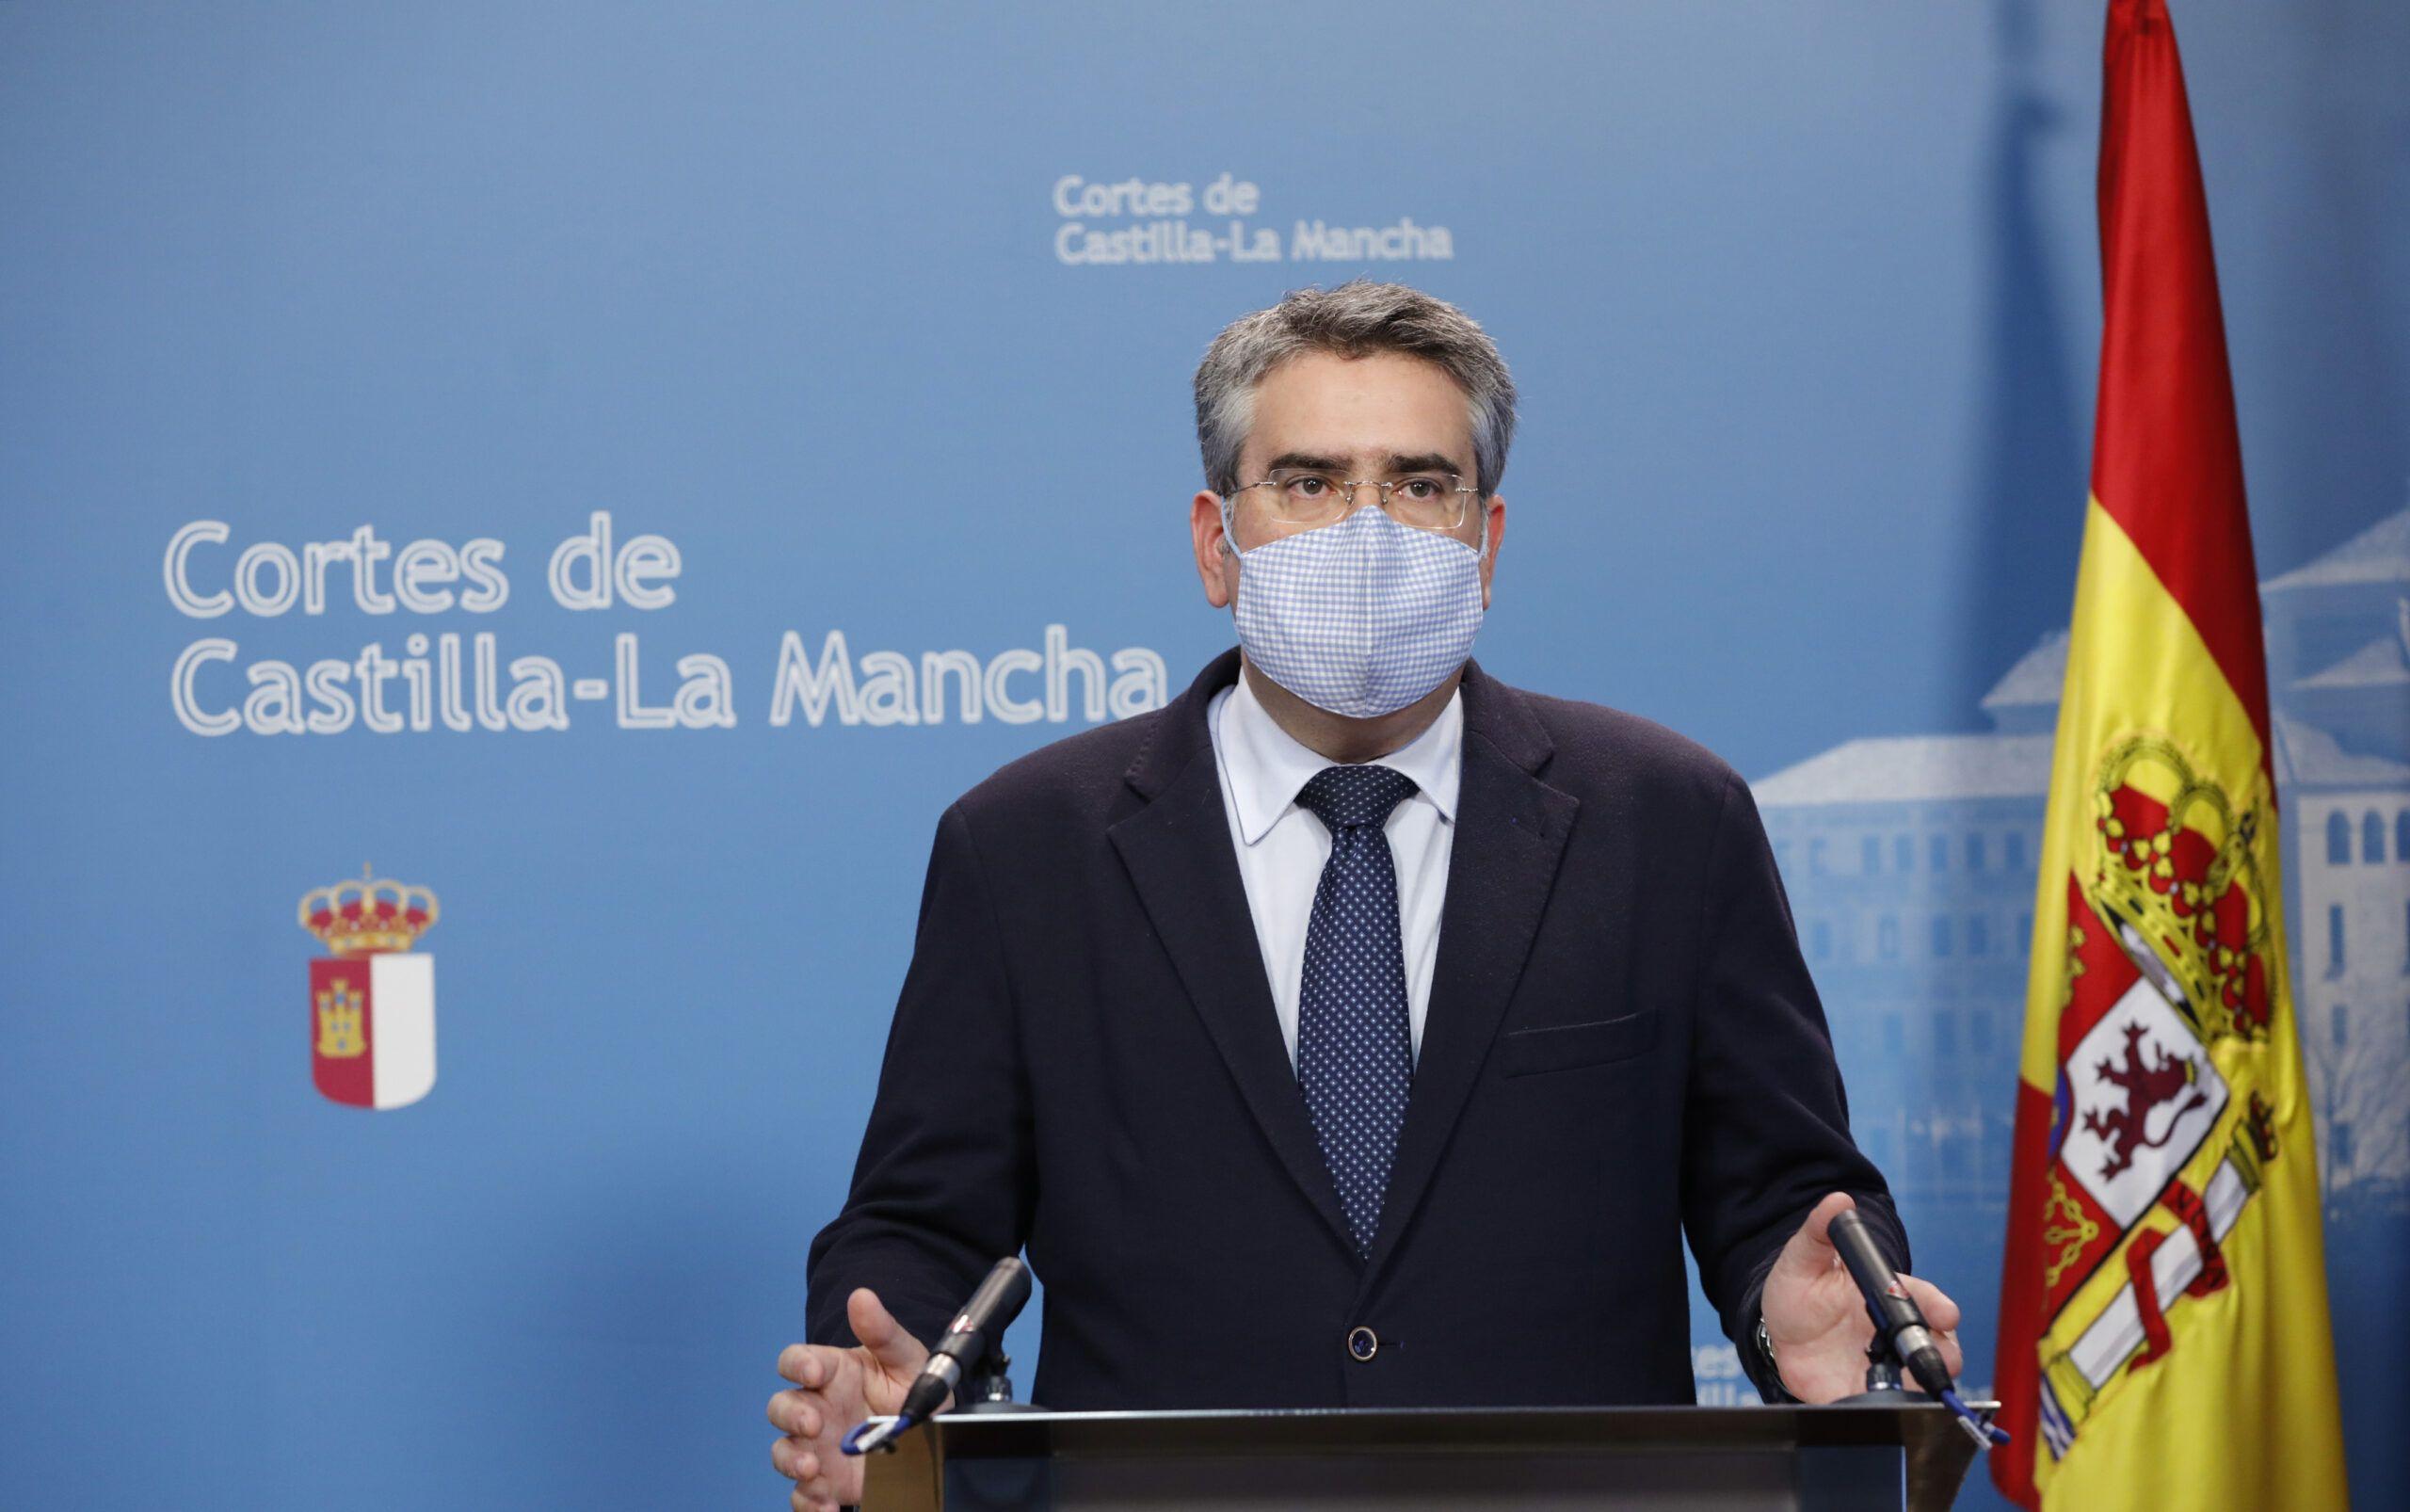 """Rodríguez califica de `obsceno´ que Page destine casi 50 millones de euros a CMM y se lo quite a la Sanidad, Educación y Agricultura cuando hay gente que no llega a fin de mes"""""""